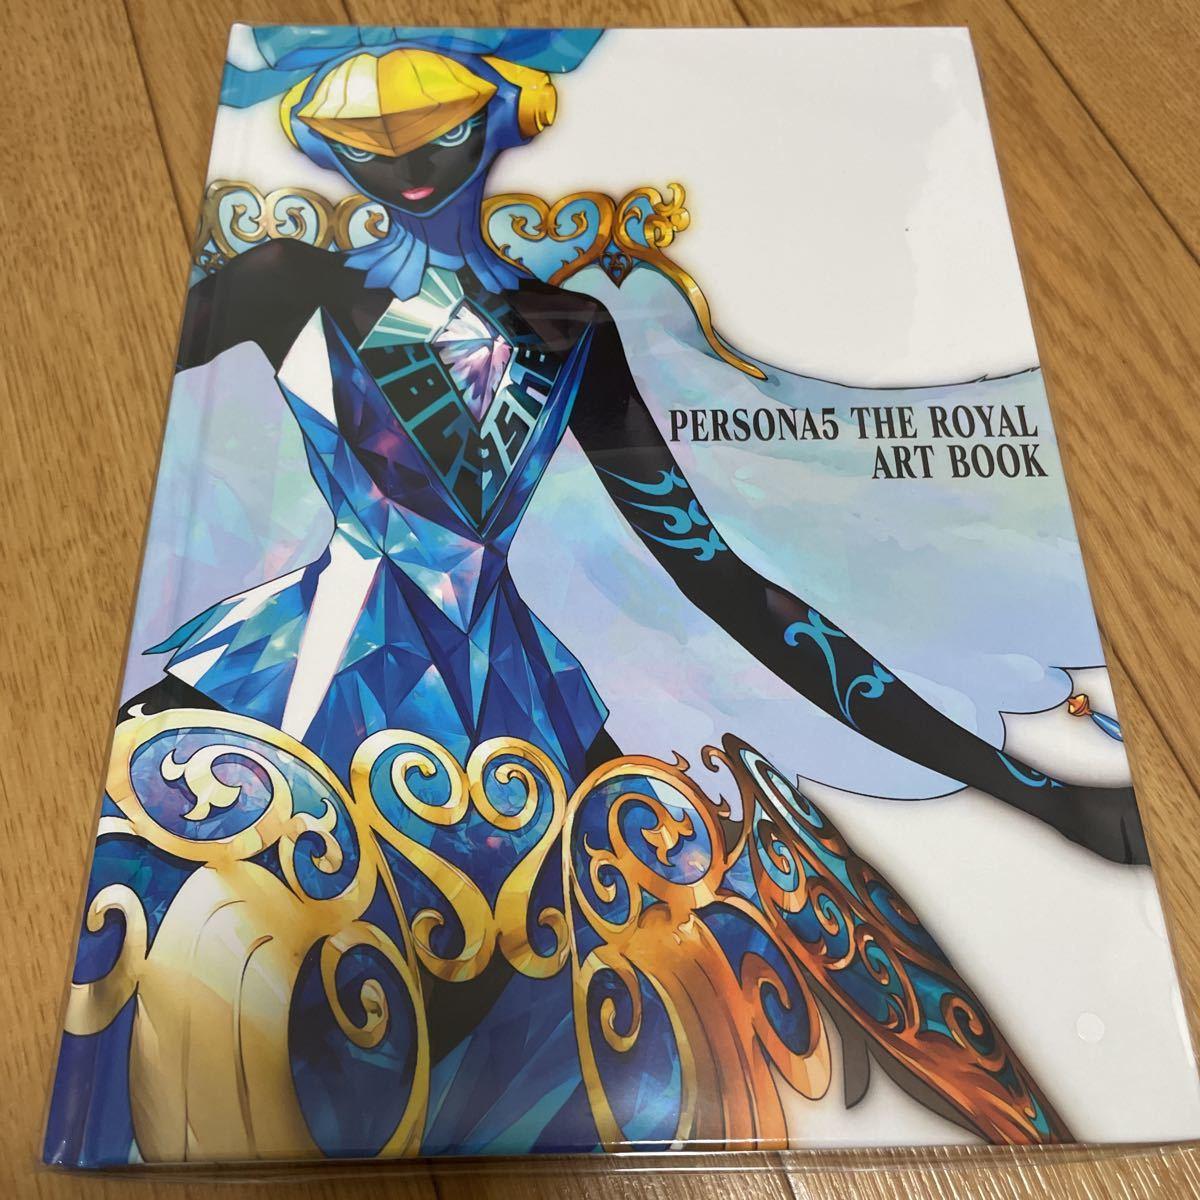 設定資料集 PS4 ペルソナ5 ザ・ロイヤル ストレートフラッシュ・エディション 特典 アートブック P5R 限定版 Persona5 Royal イラスト